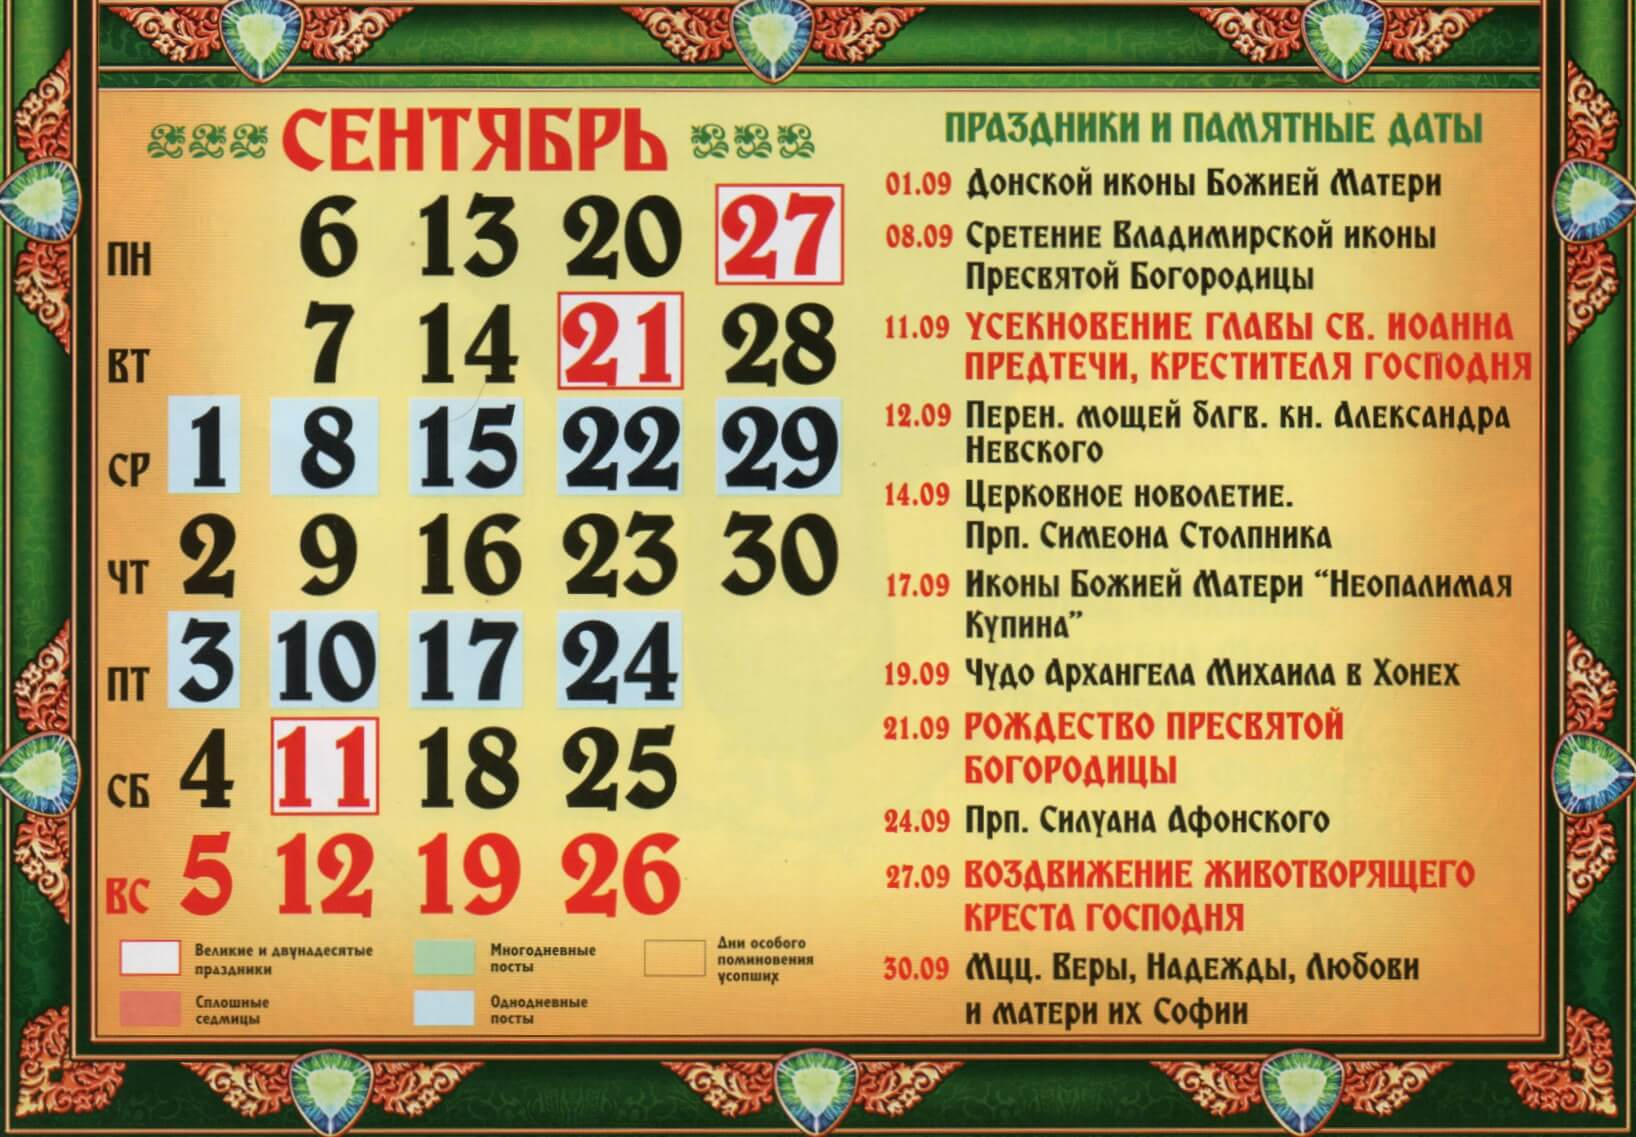 Православные церковные праздники в сентябре 2021 года